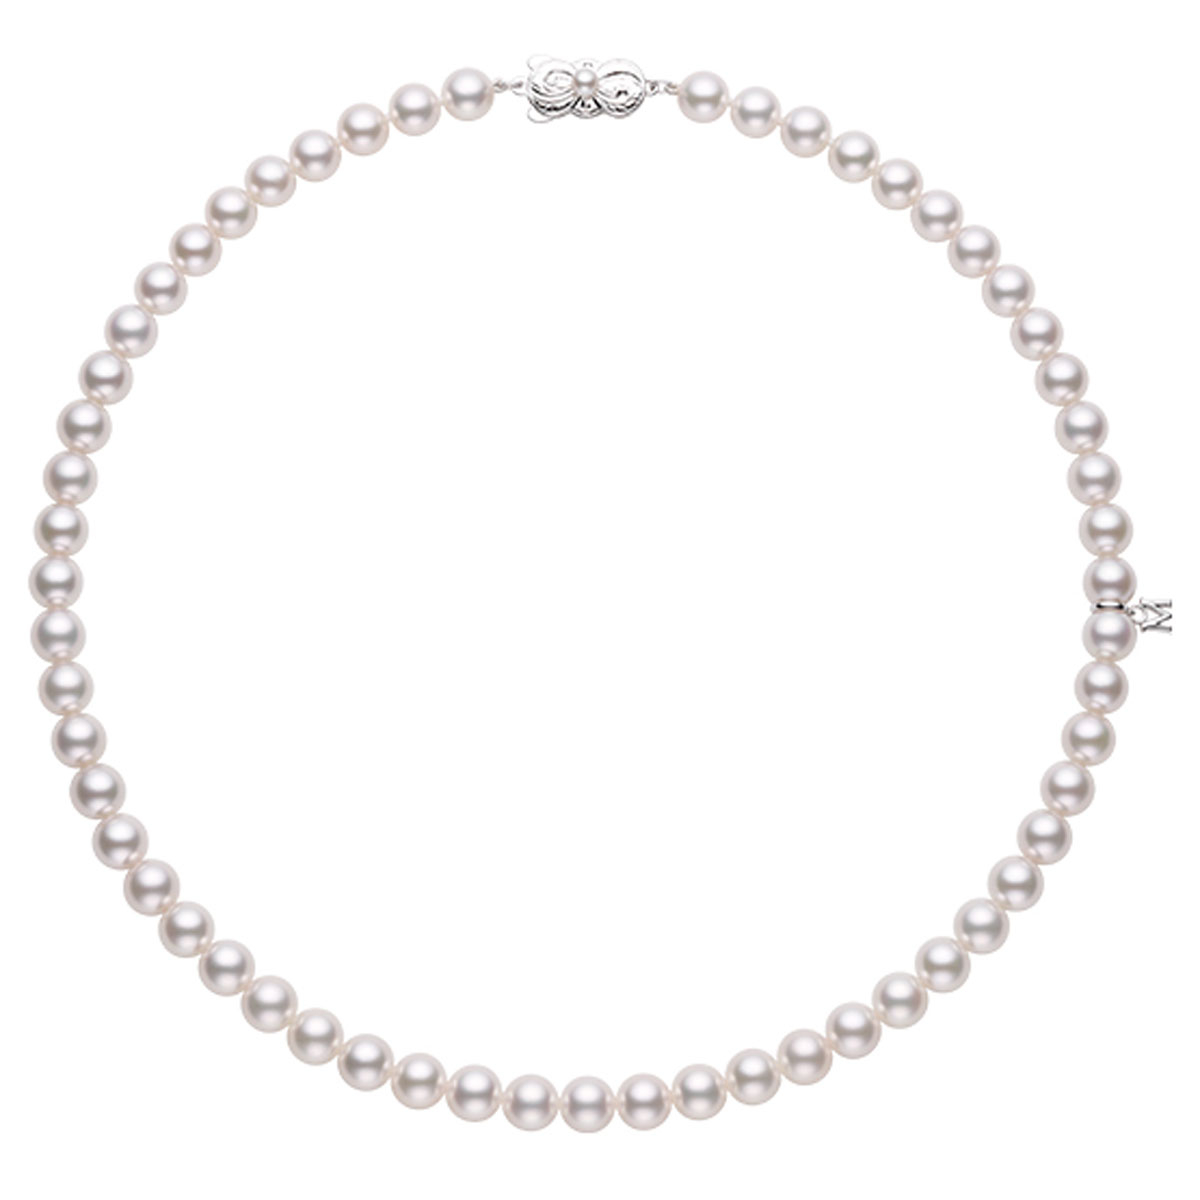 ネックレス 40cm〈WG、アコヤ真珠〉¥税抜き価格